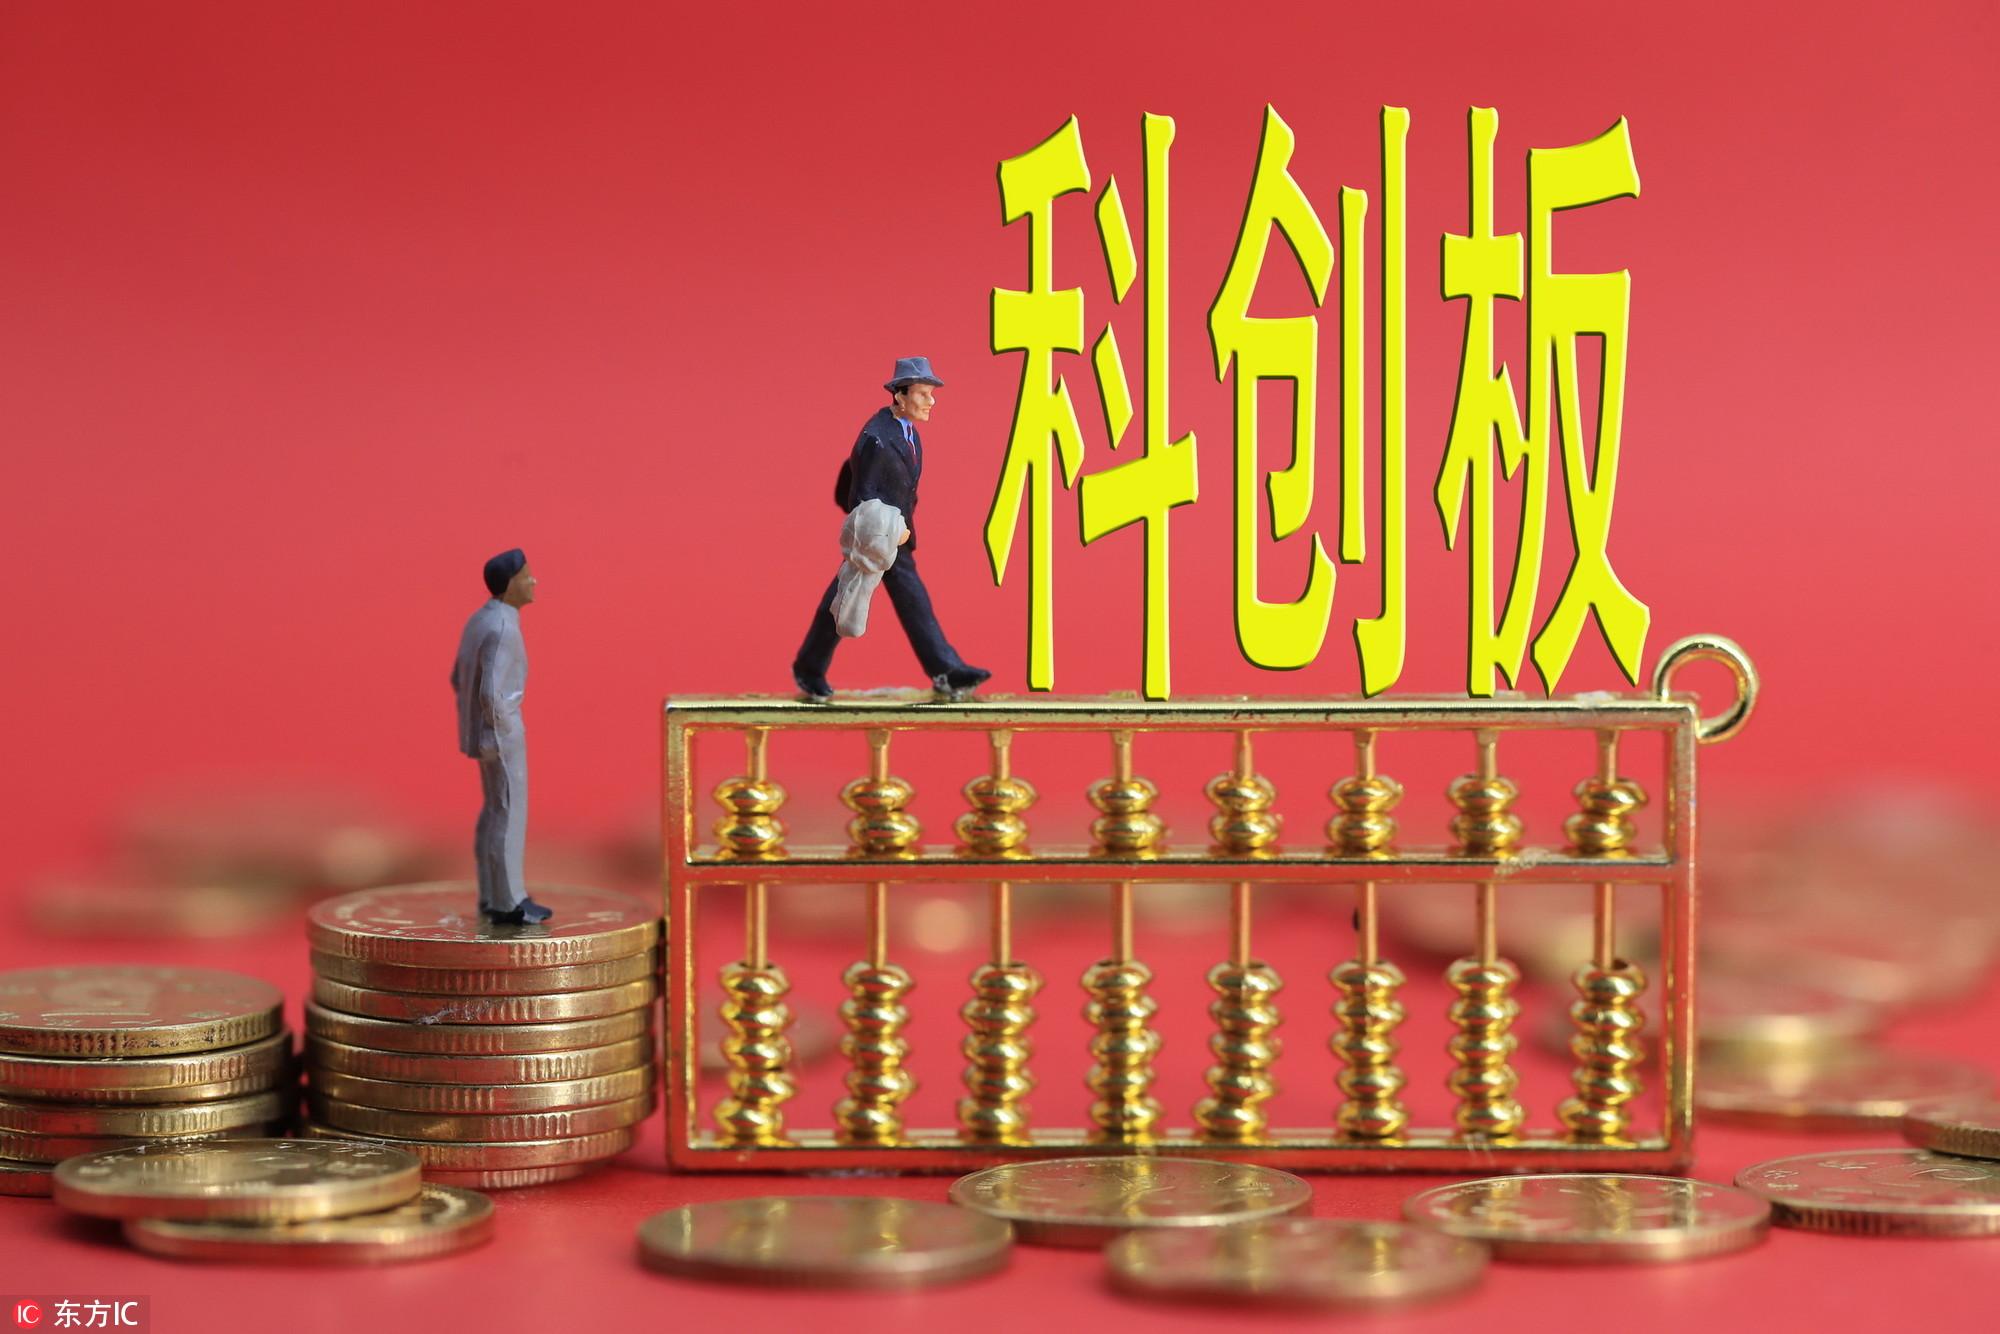 上交所发布《科创板股票发行与承销业务指引》,明确保荐机构跟投制度